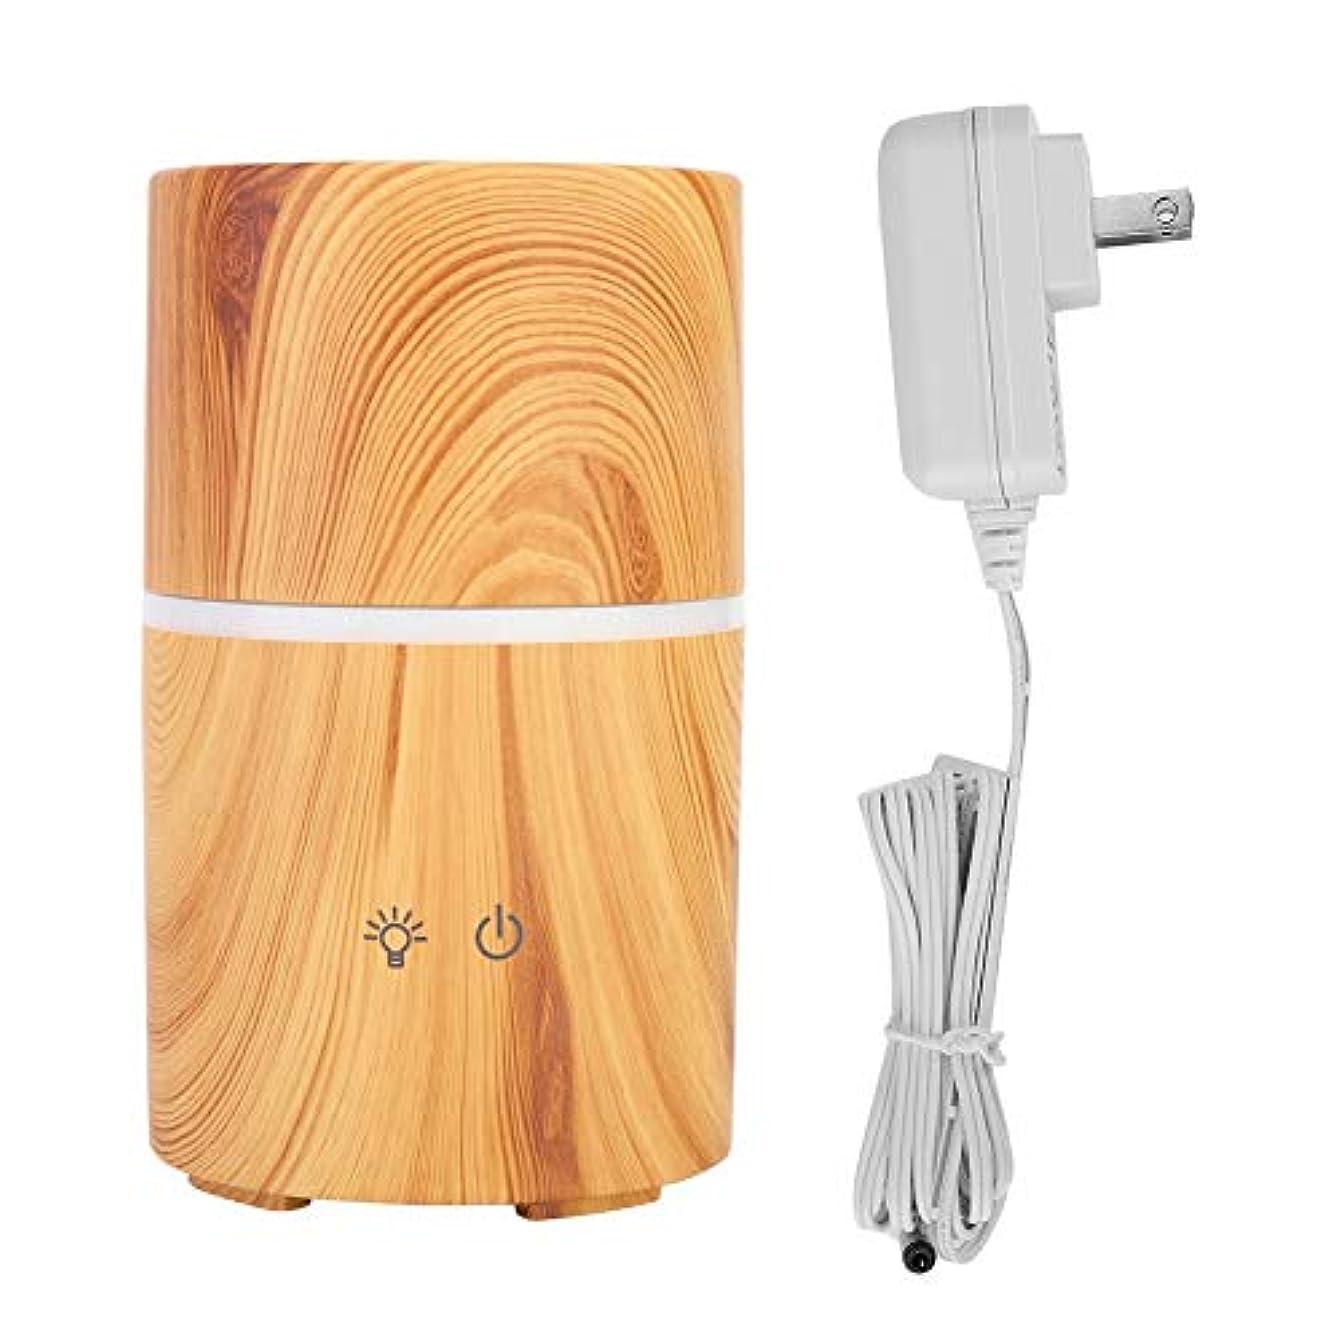 大声で電話なだめるアロマセラピーディフューザー、多目的木目LEDインテリジェントディフューザーワイヤレススピーカー加湿器家庭用装飾(USプラグ100-240V)